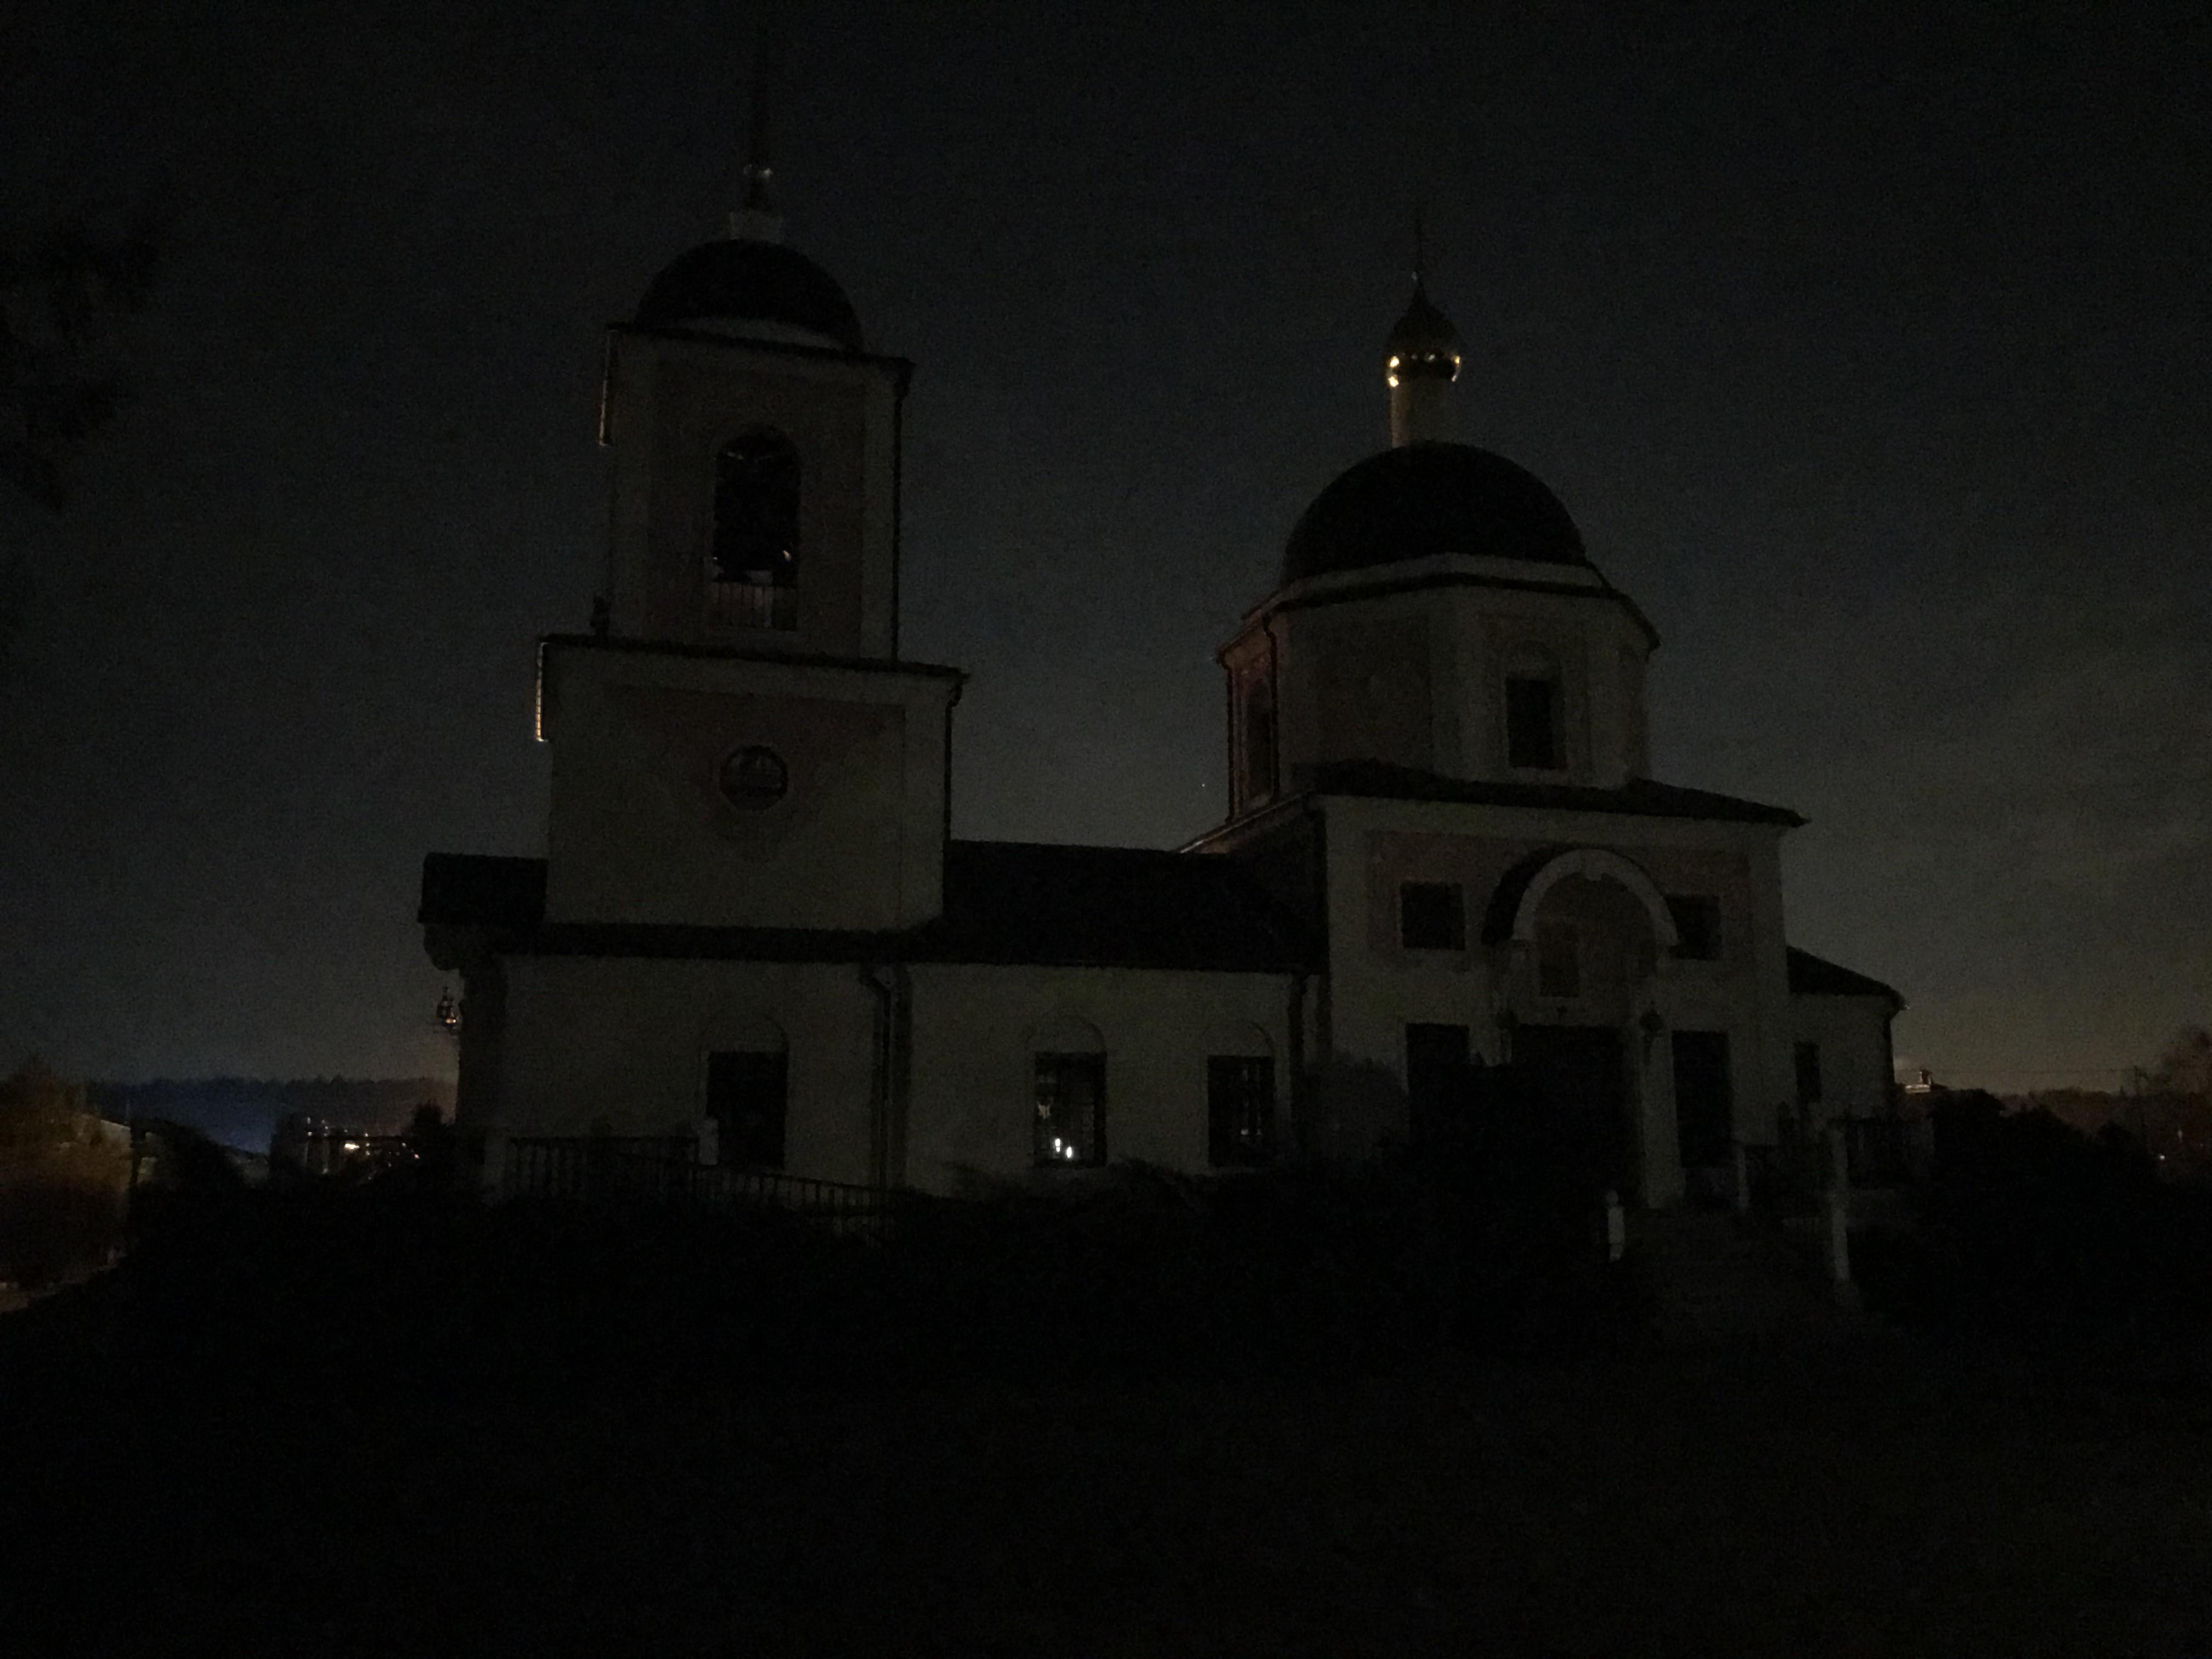 Храмы Одинцовского благочиния приняли участие в ежегодной международной акции Час Земли, 28 марта с 20:30 - 21:30 была отключена подсветка зданий храмов Одинцовского церковного округа